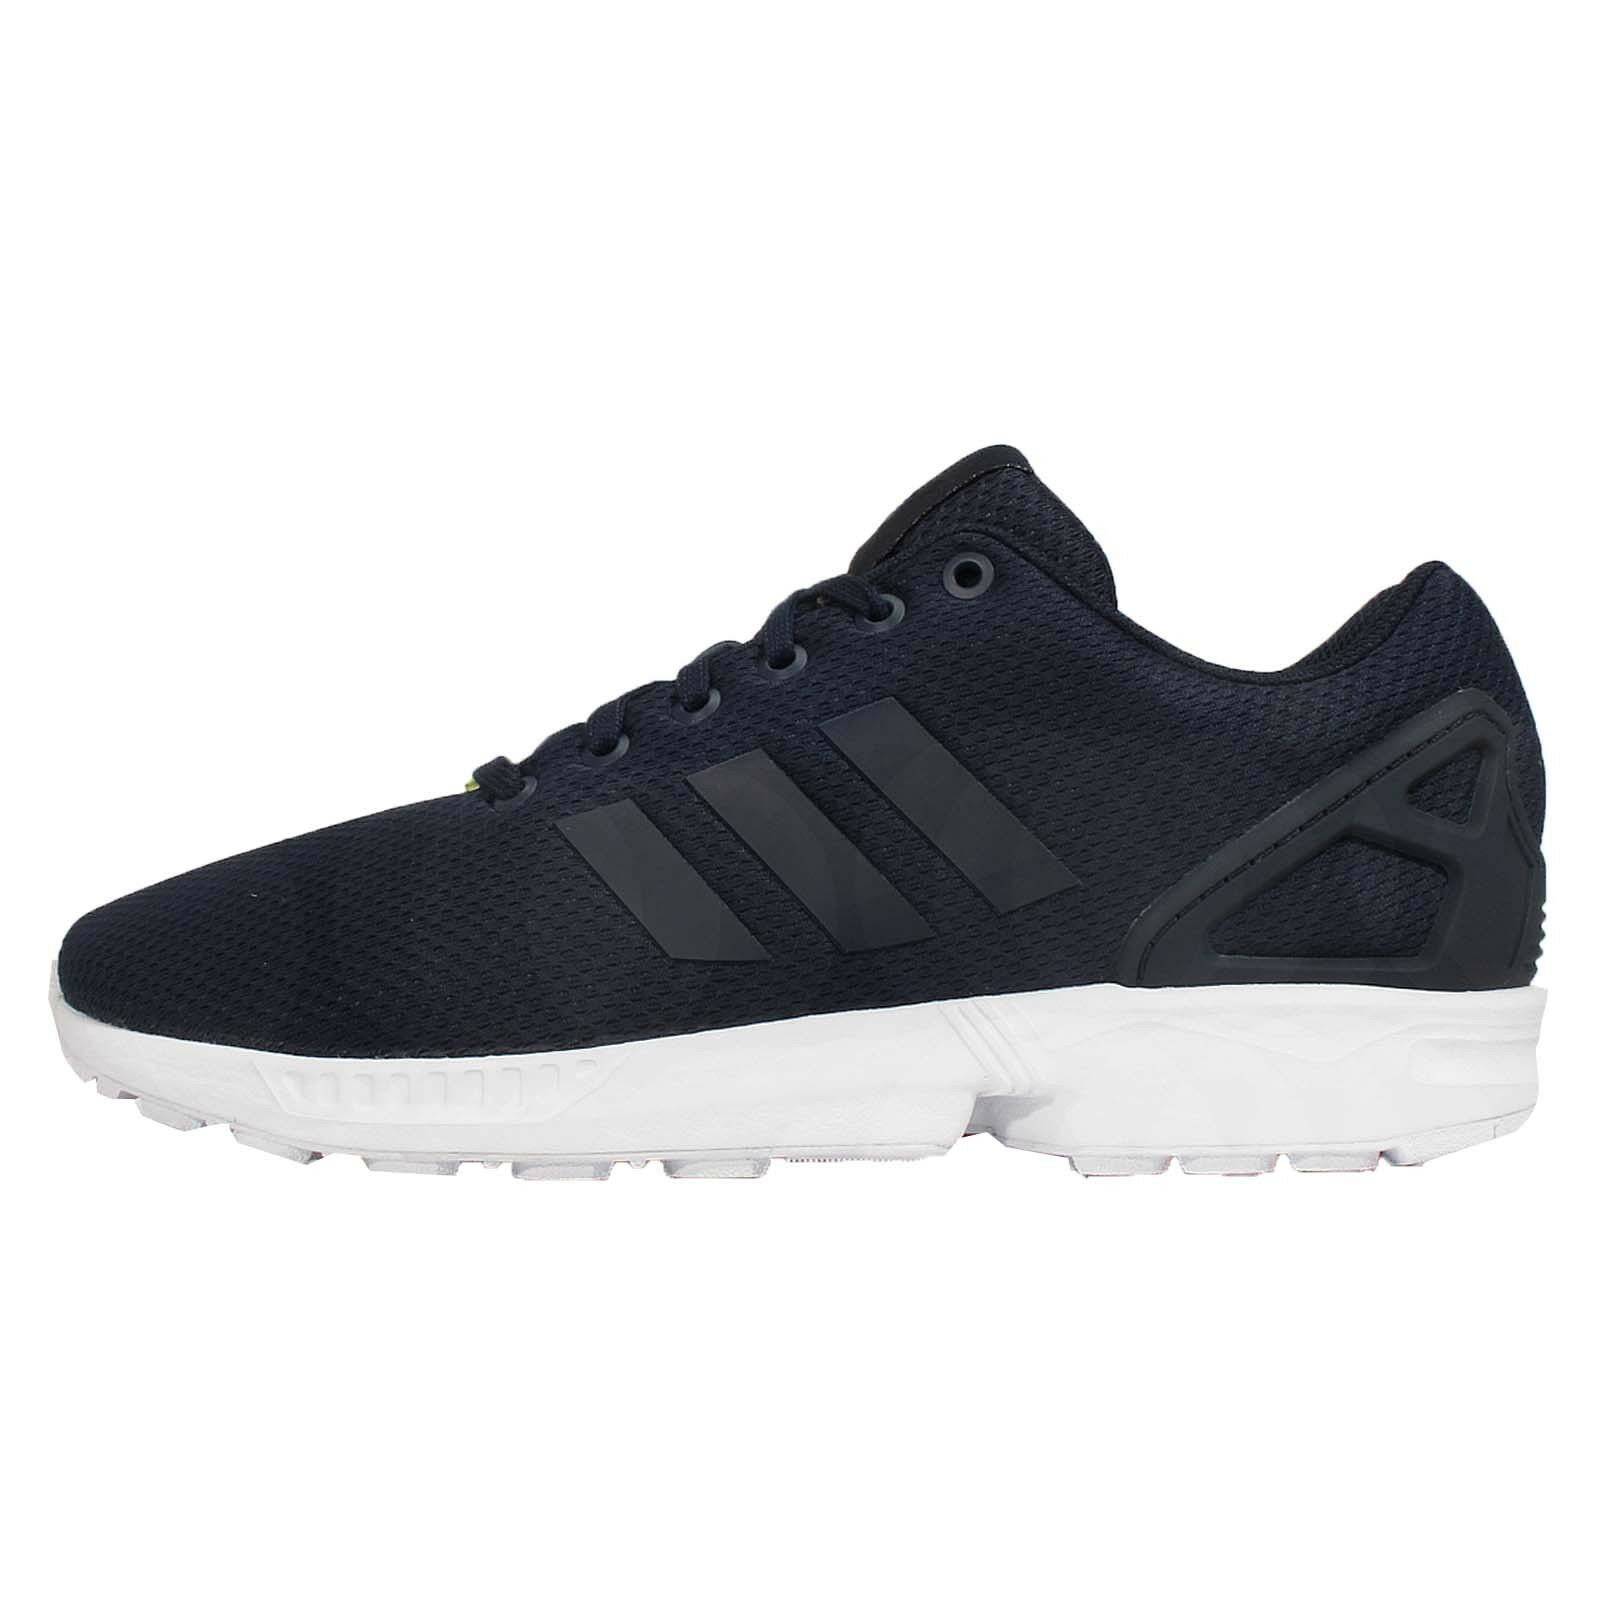 Adidas Originals Zx Flux Azul Marino Nuevo Blanco Para Hombre Corriendo Nuevo Marino Zapatillas m20181 926d94